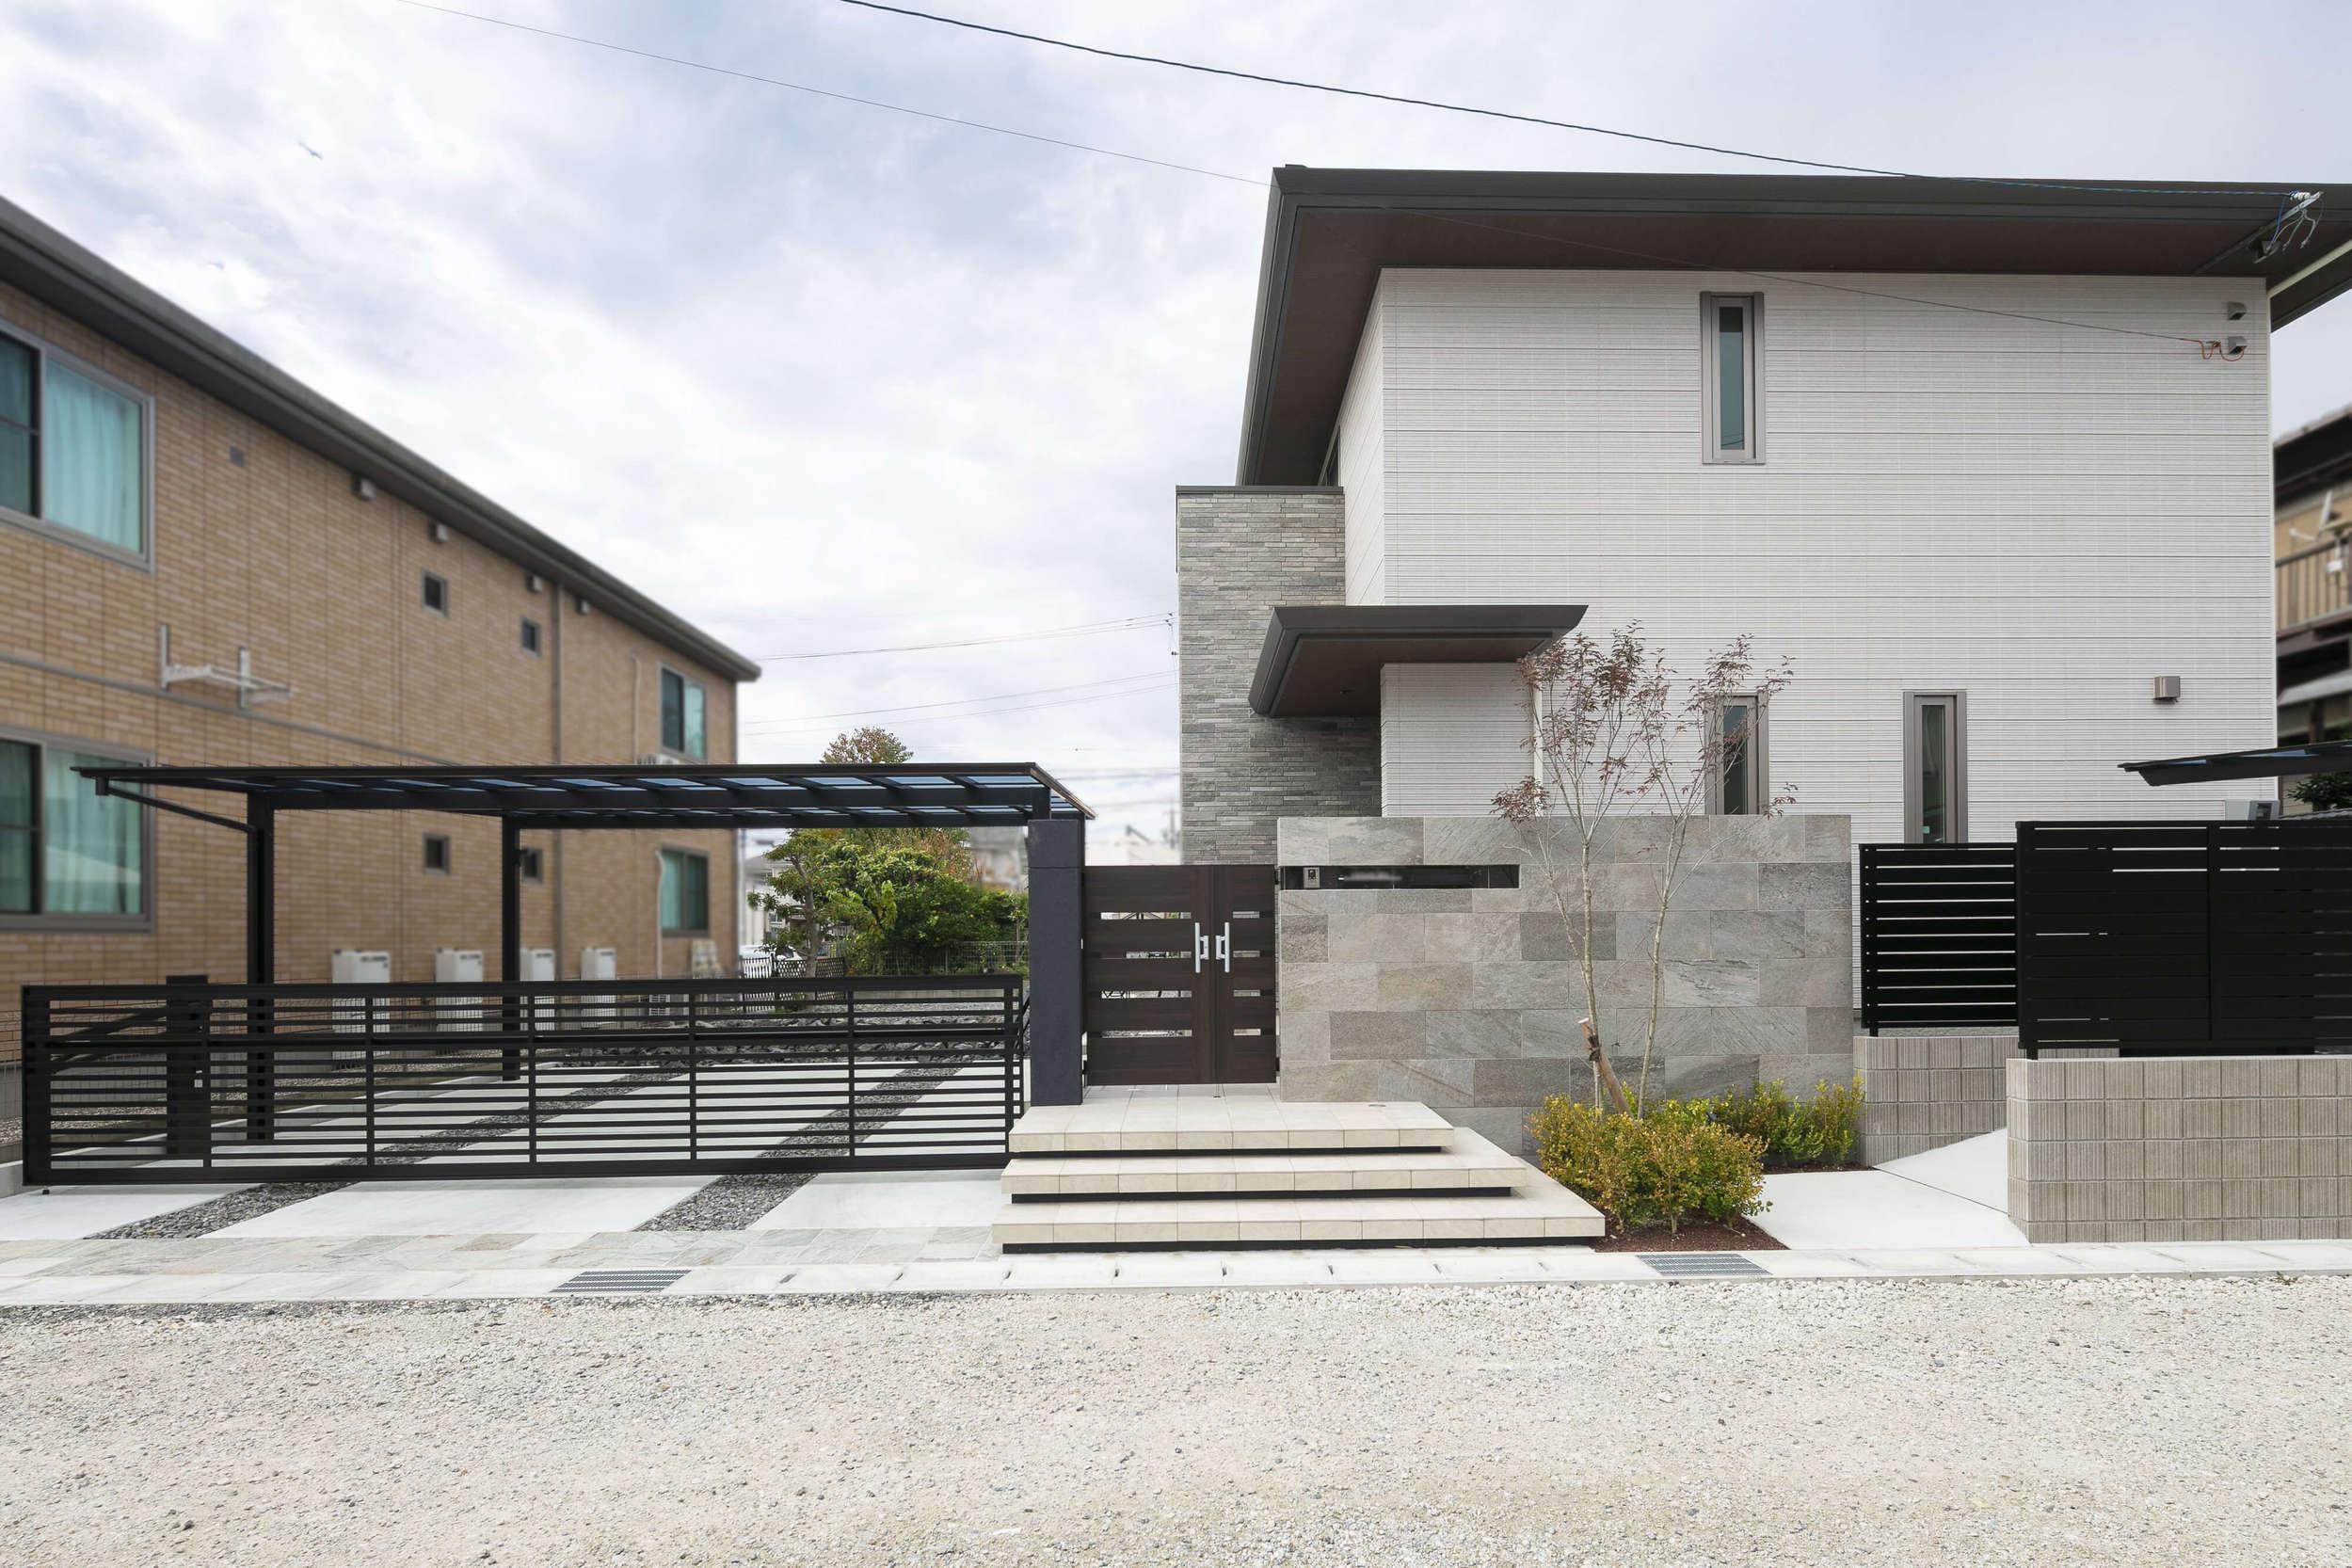 積水ハウス 新築外構 クローズ外構 自然石 アップゲート門扉